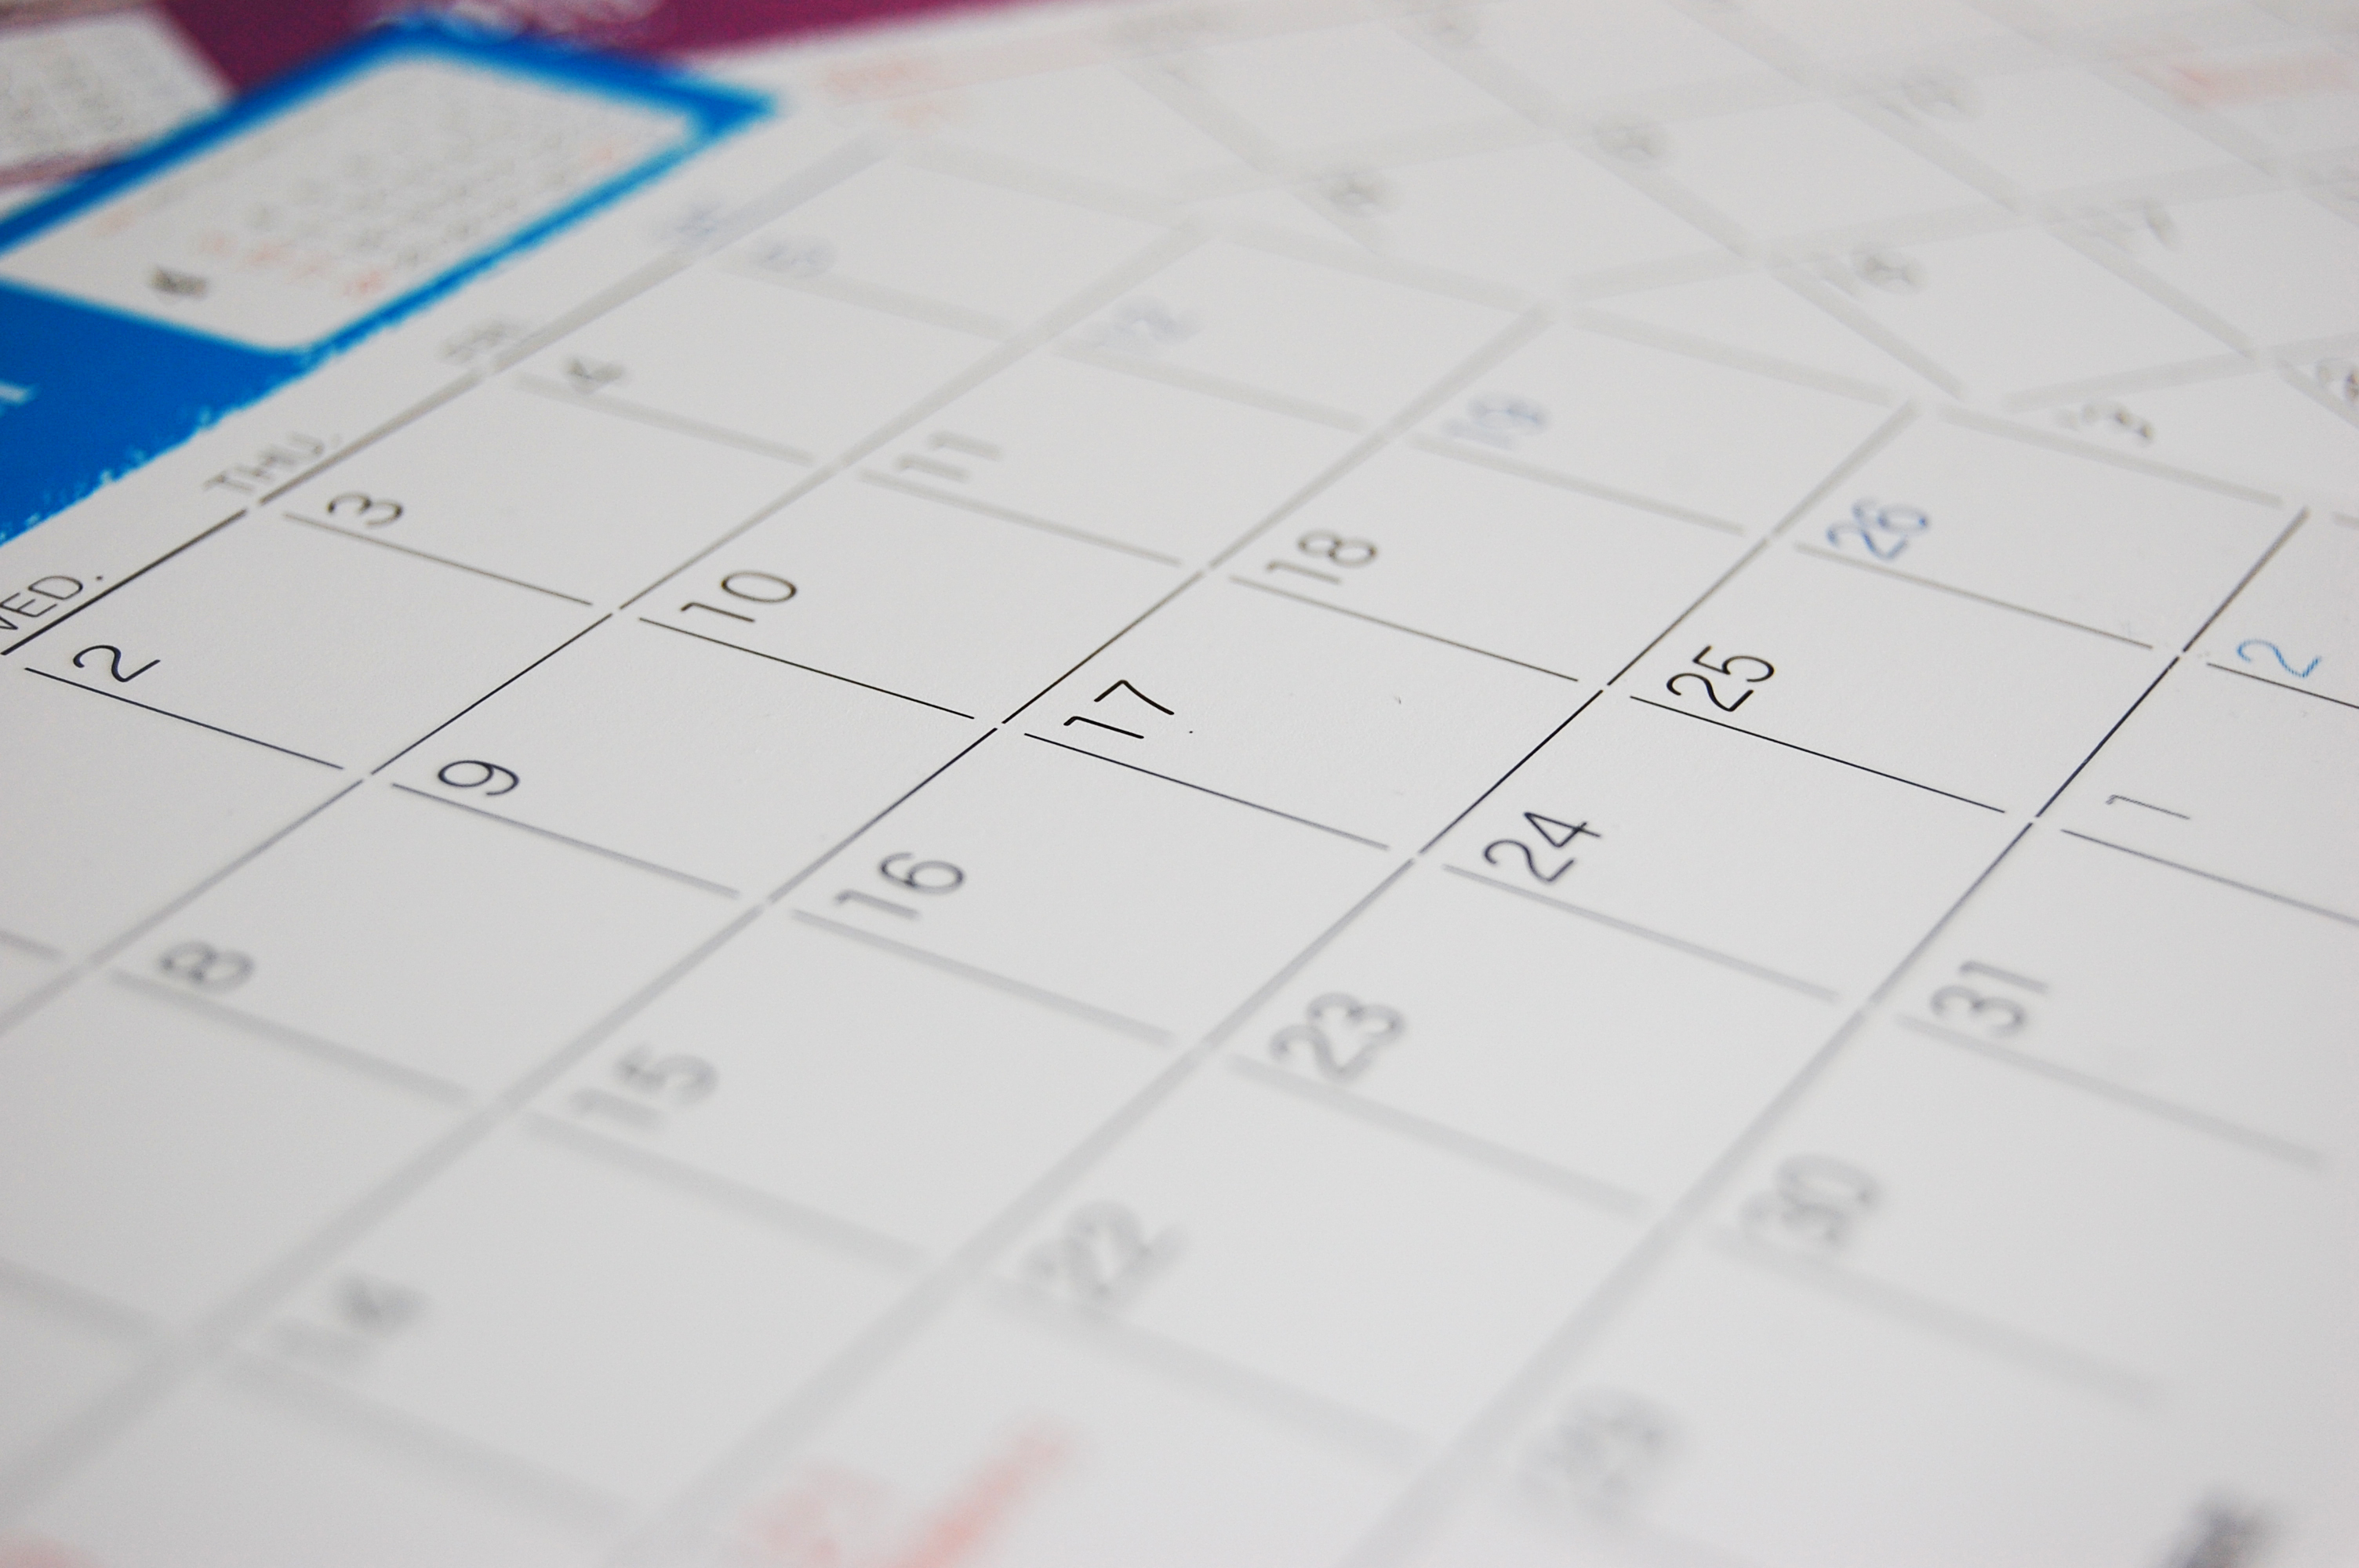 カレンダー・スケジュール帳 | フリー素材ドットコム